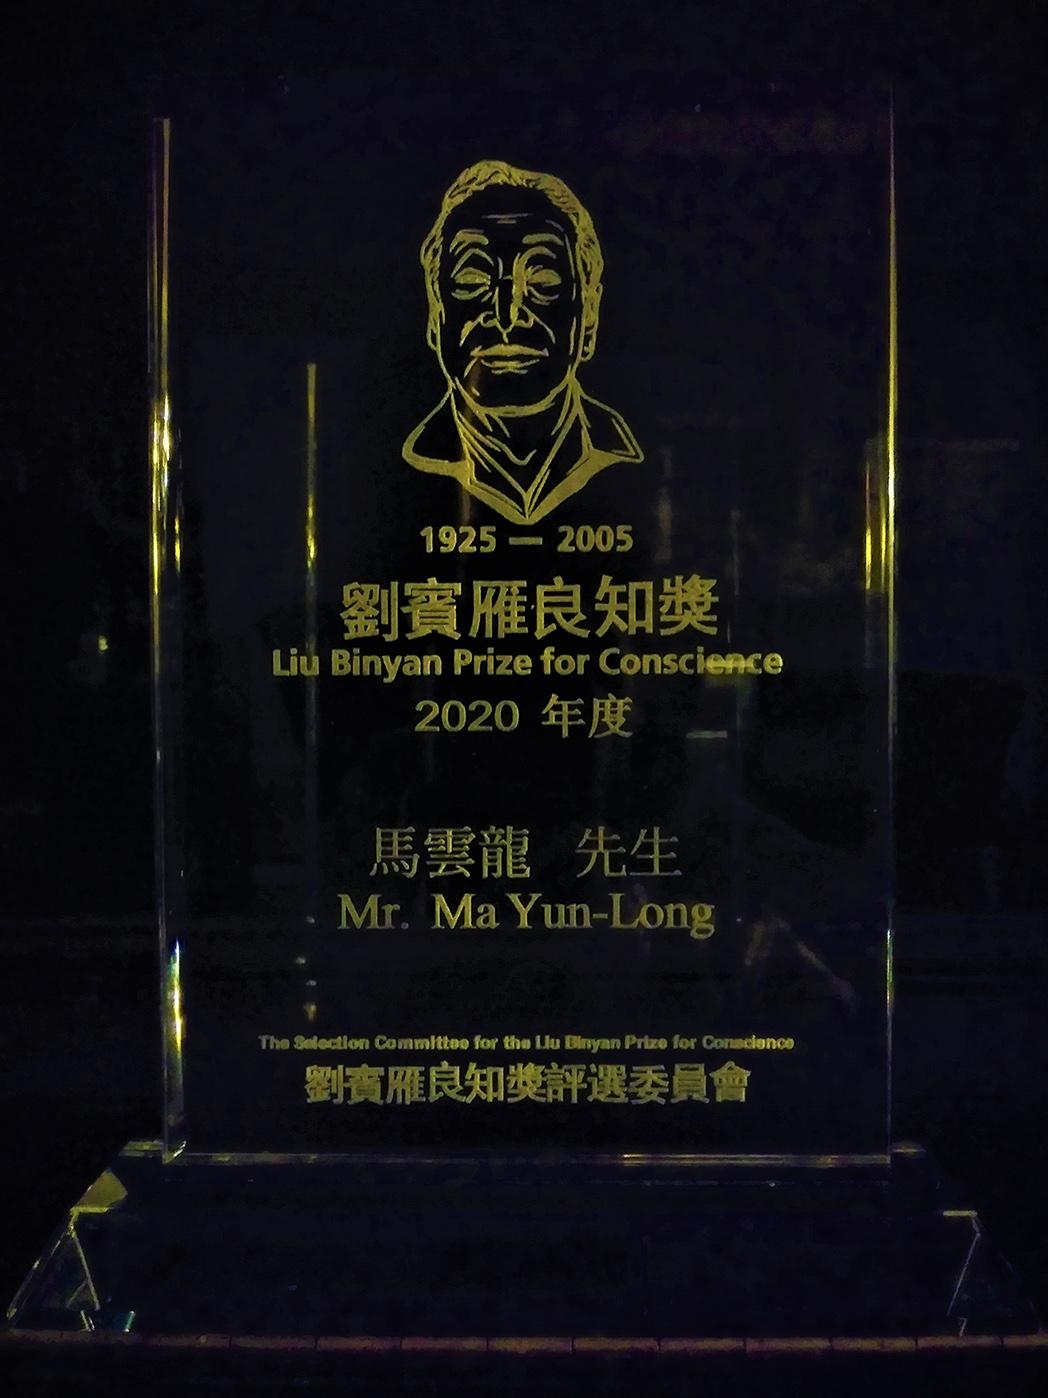 """中国报业记者和主编马云龙先生获2020年度刘宾雁良知奖。此奖表彰他""""拒绝谎言、坚持真相,以罕见的道德勇气坚守天职和良知。""""这是刘宾雁良知奖评委会颁发给他的水晶奖牌。北明供图"""